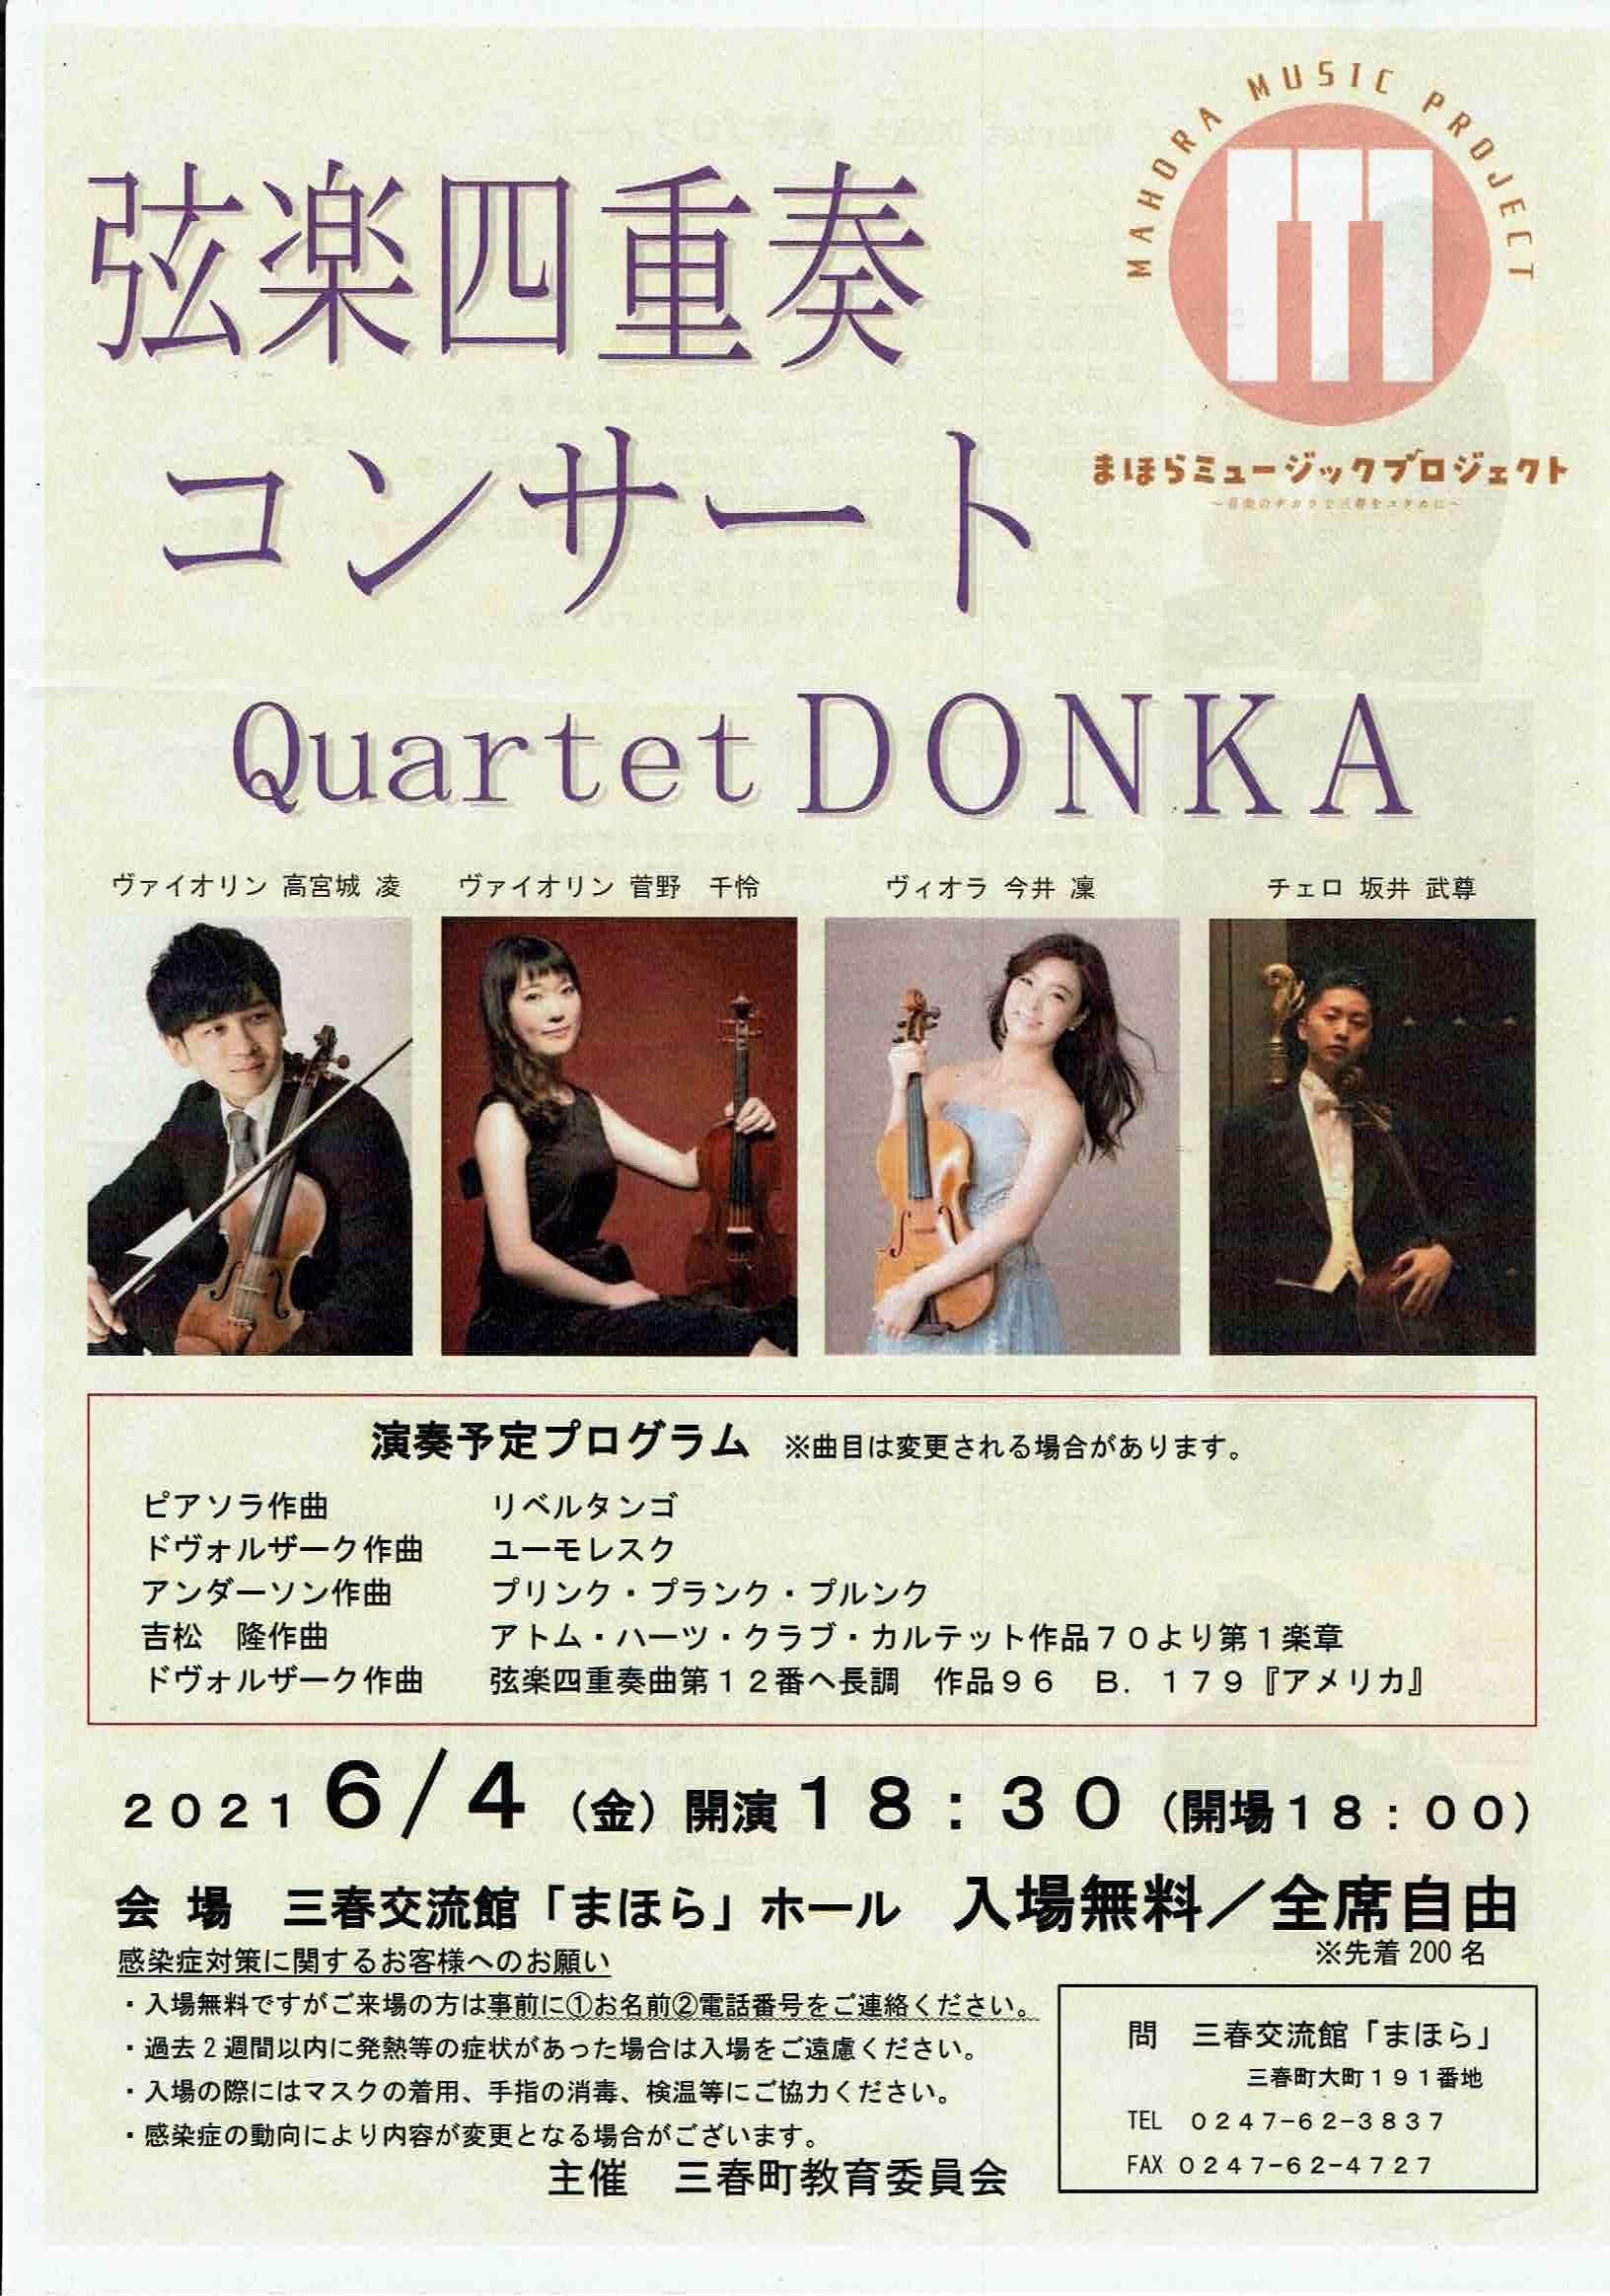 弦楽四重奏コンサート「Quartet DONKA」◆6月4日(金)